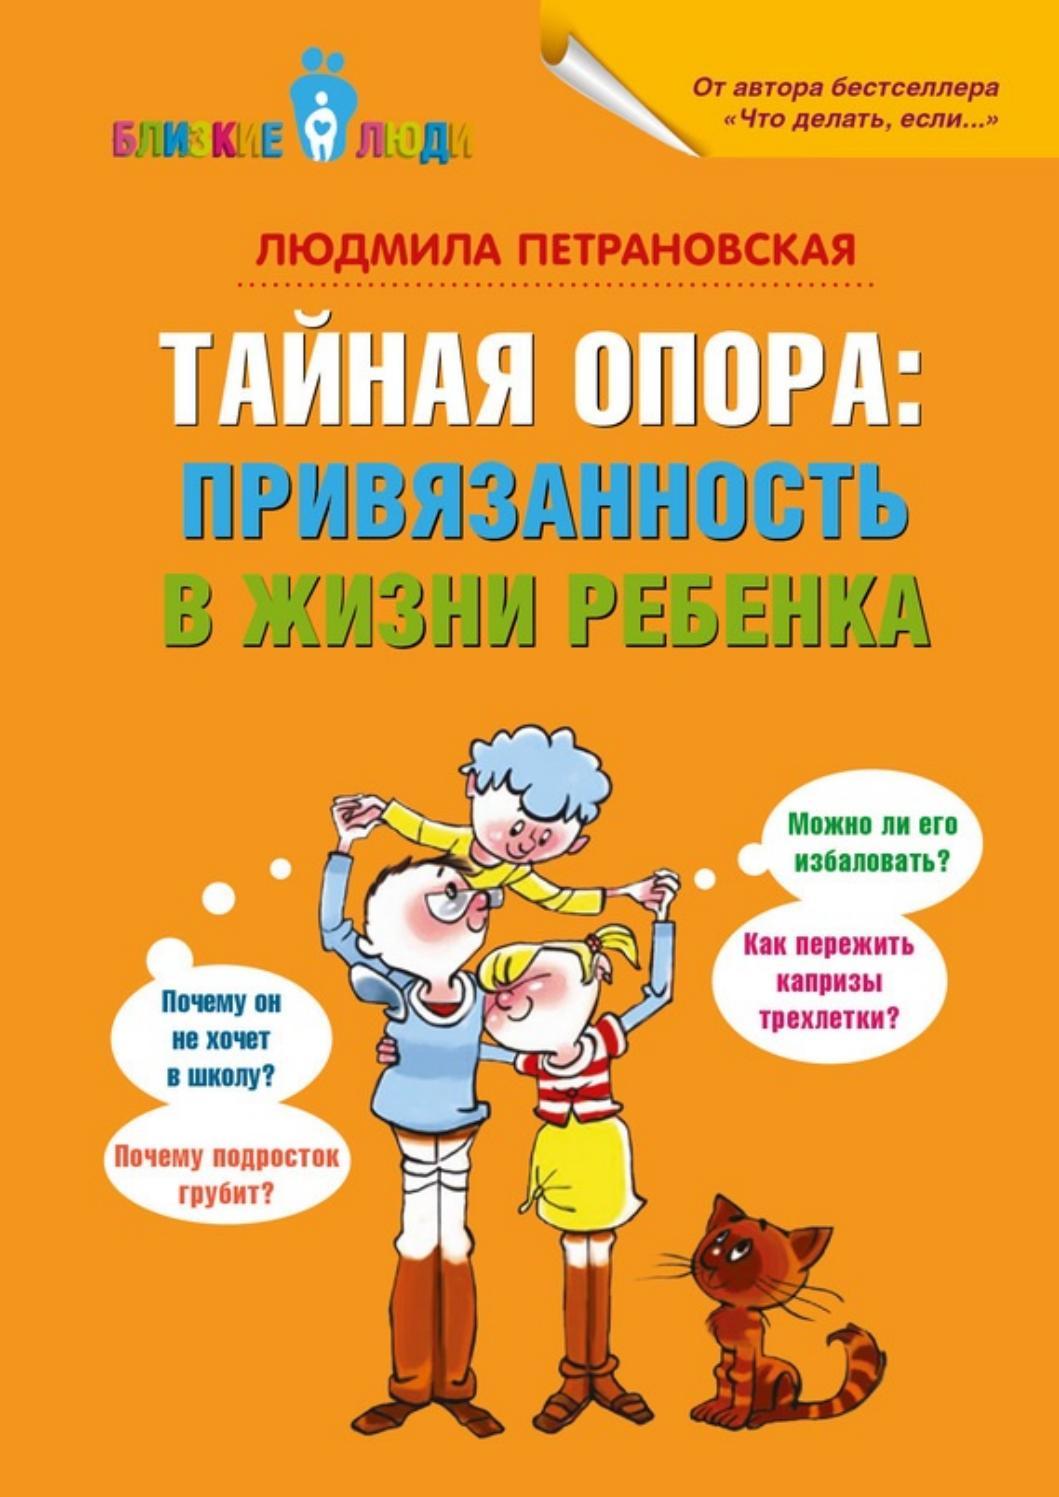 mariya-poterpi-derzhite-ee-popku-krepche-trogayut-siski-devushki